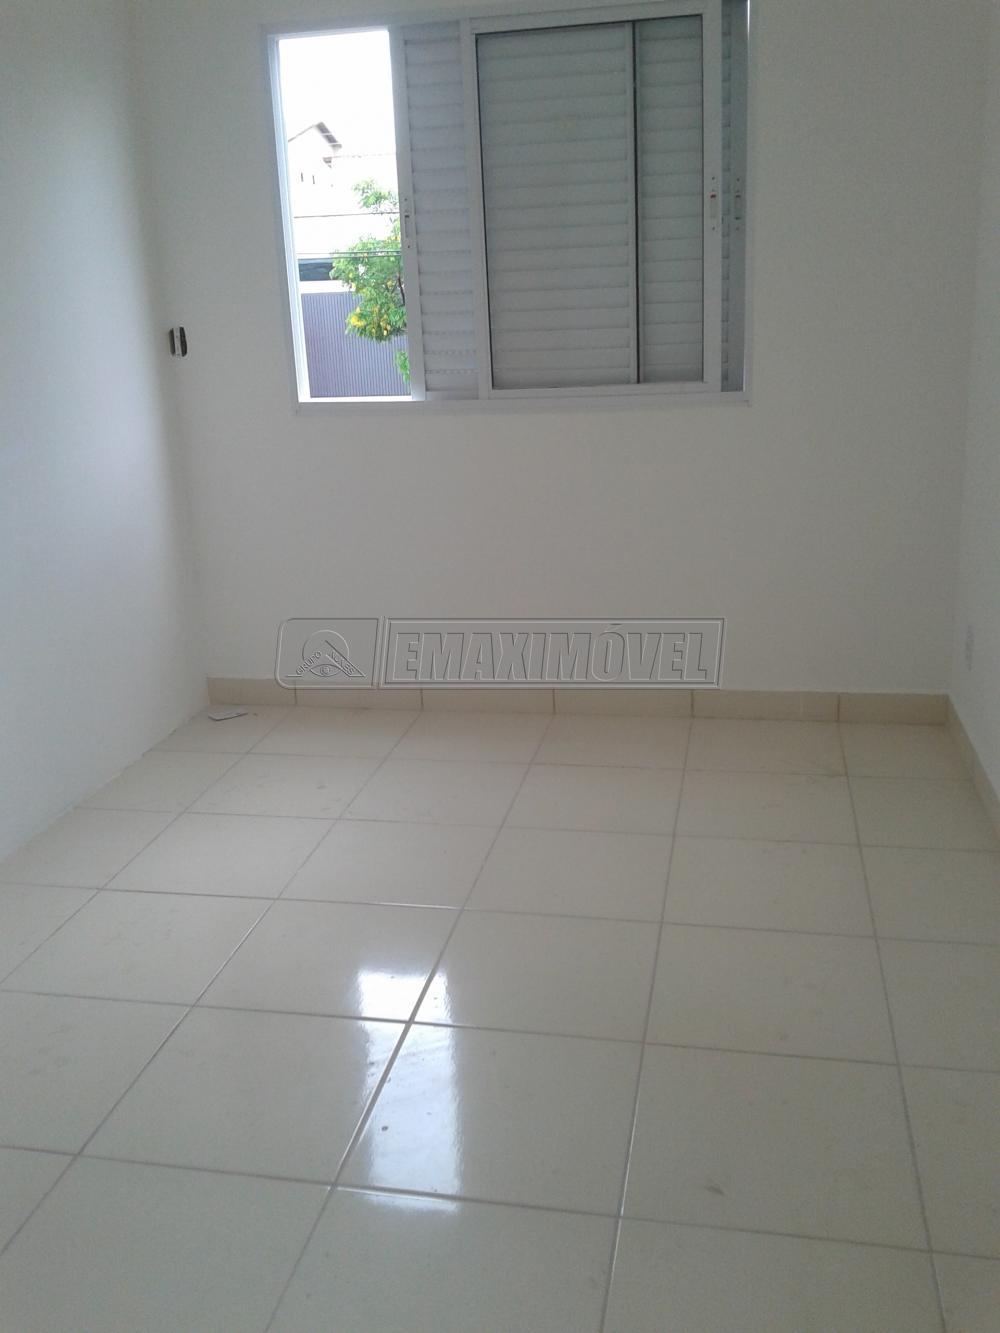 Comprar Apartamentos / Apto Padrão em Sorocaba R$ 135.000,00 - Foto 9